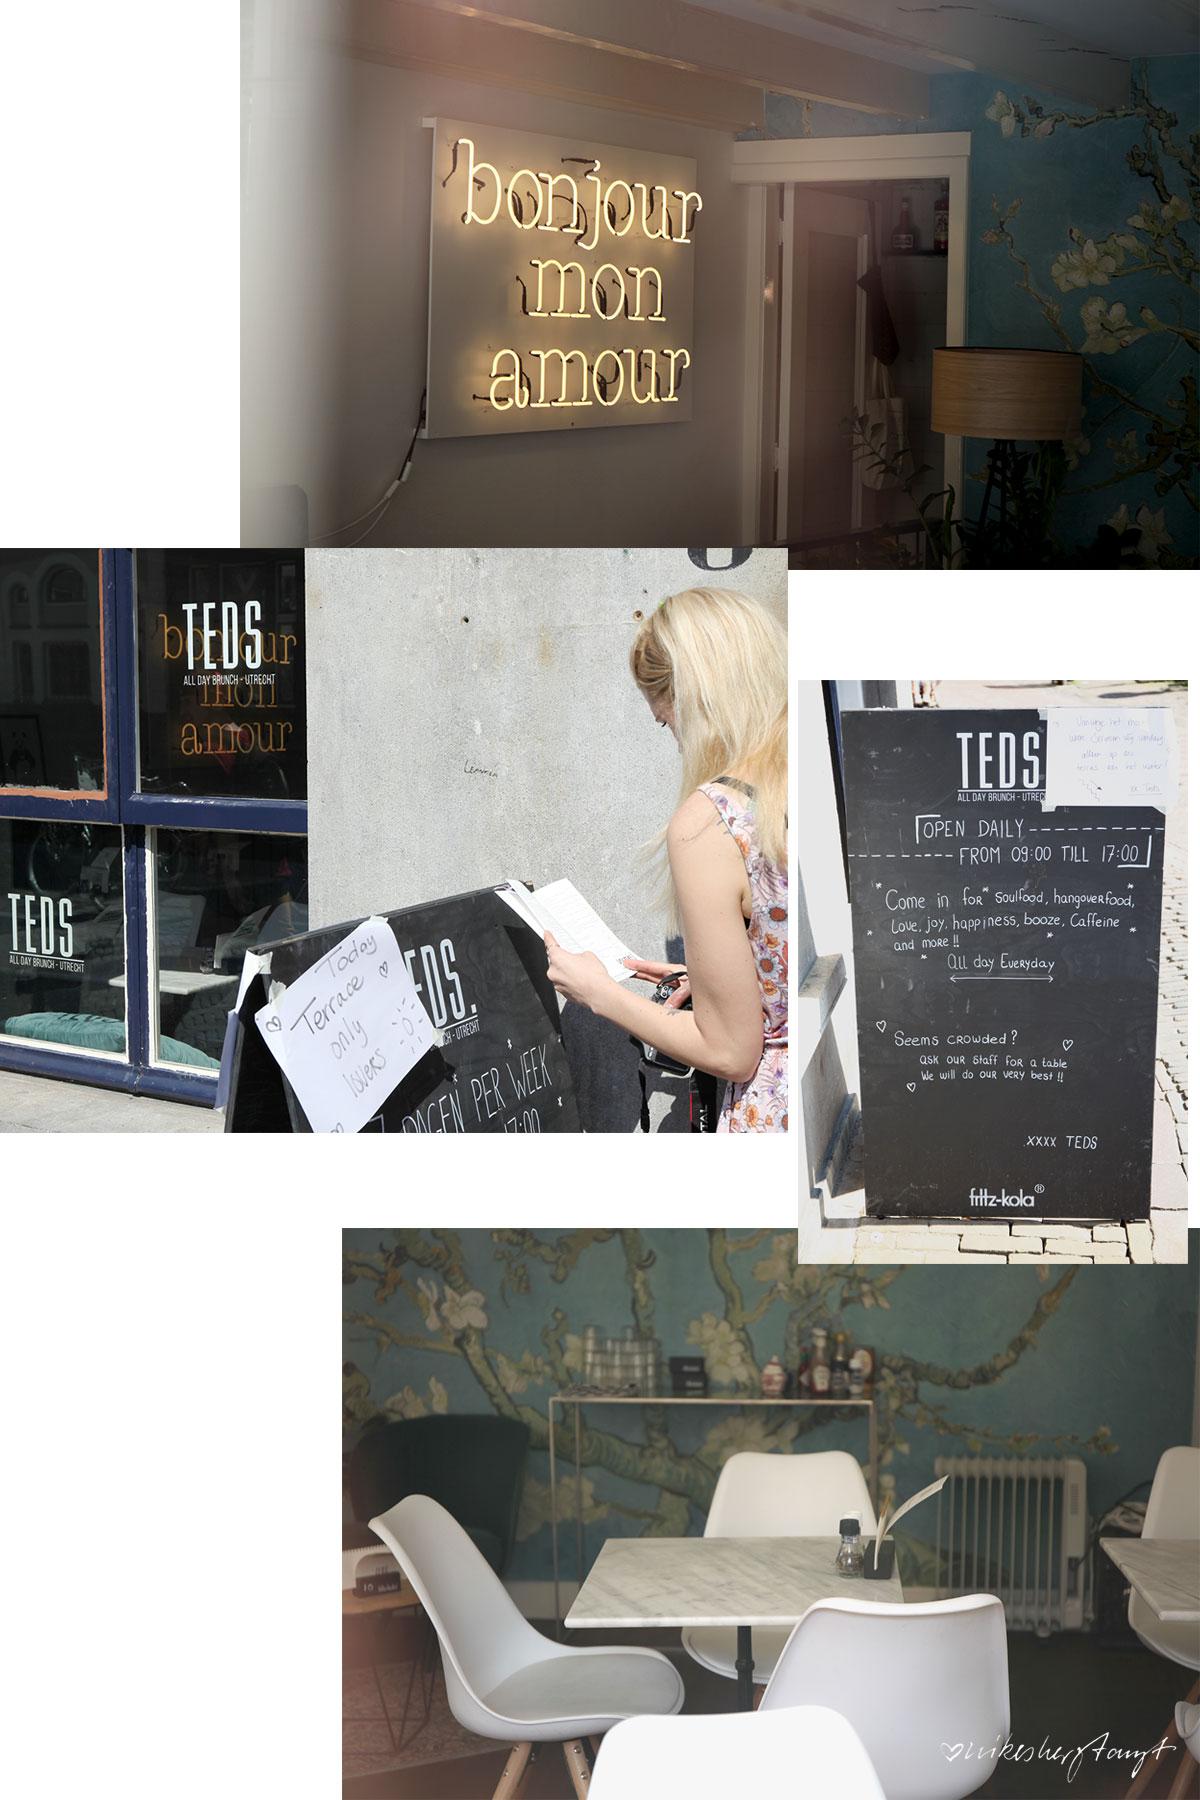 teds - kulinarische Tour durch Utrecht // nikesherztanzt